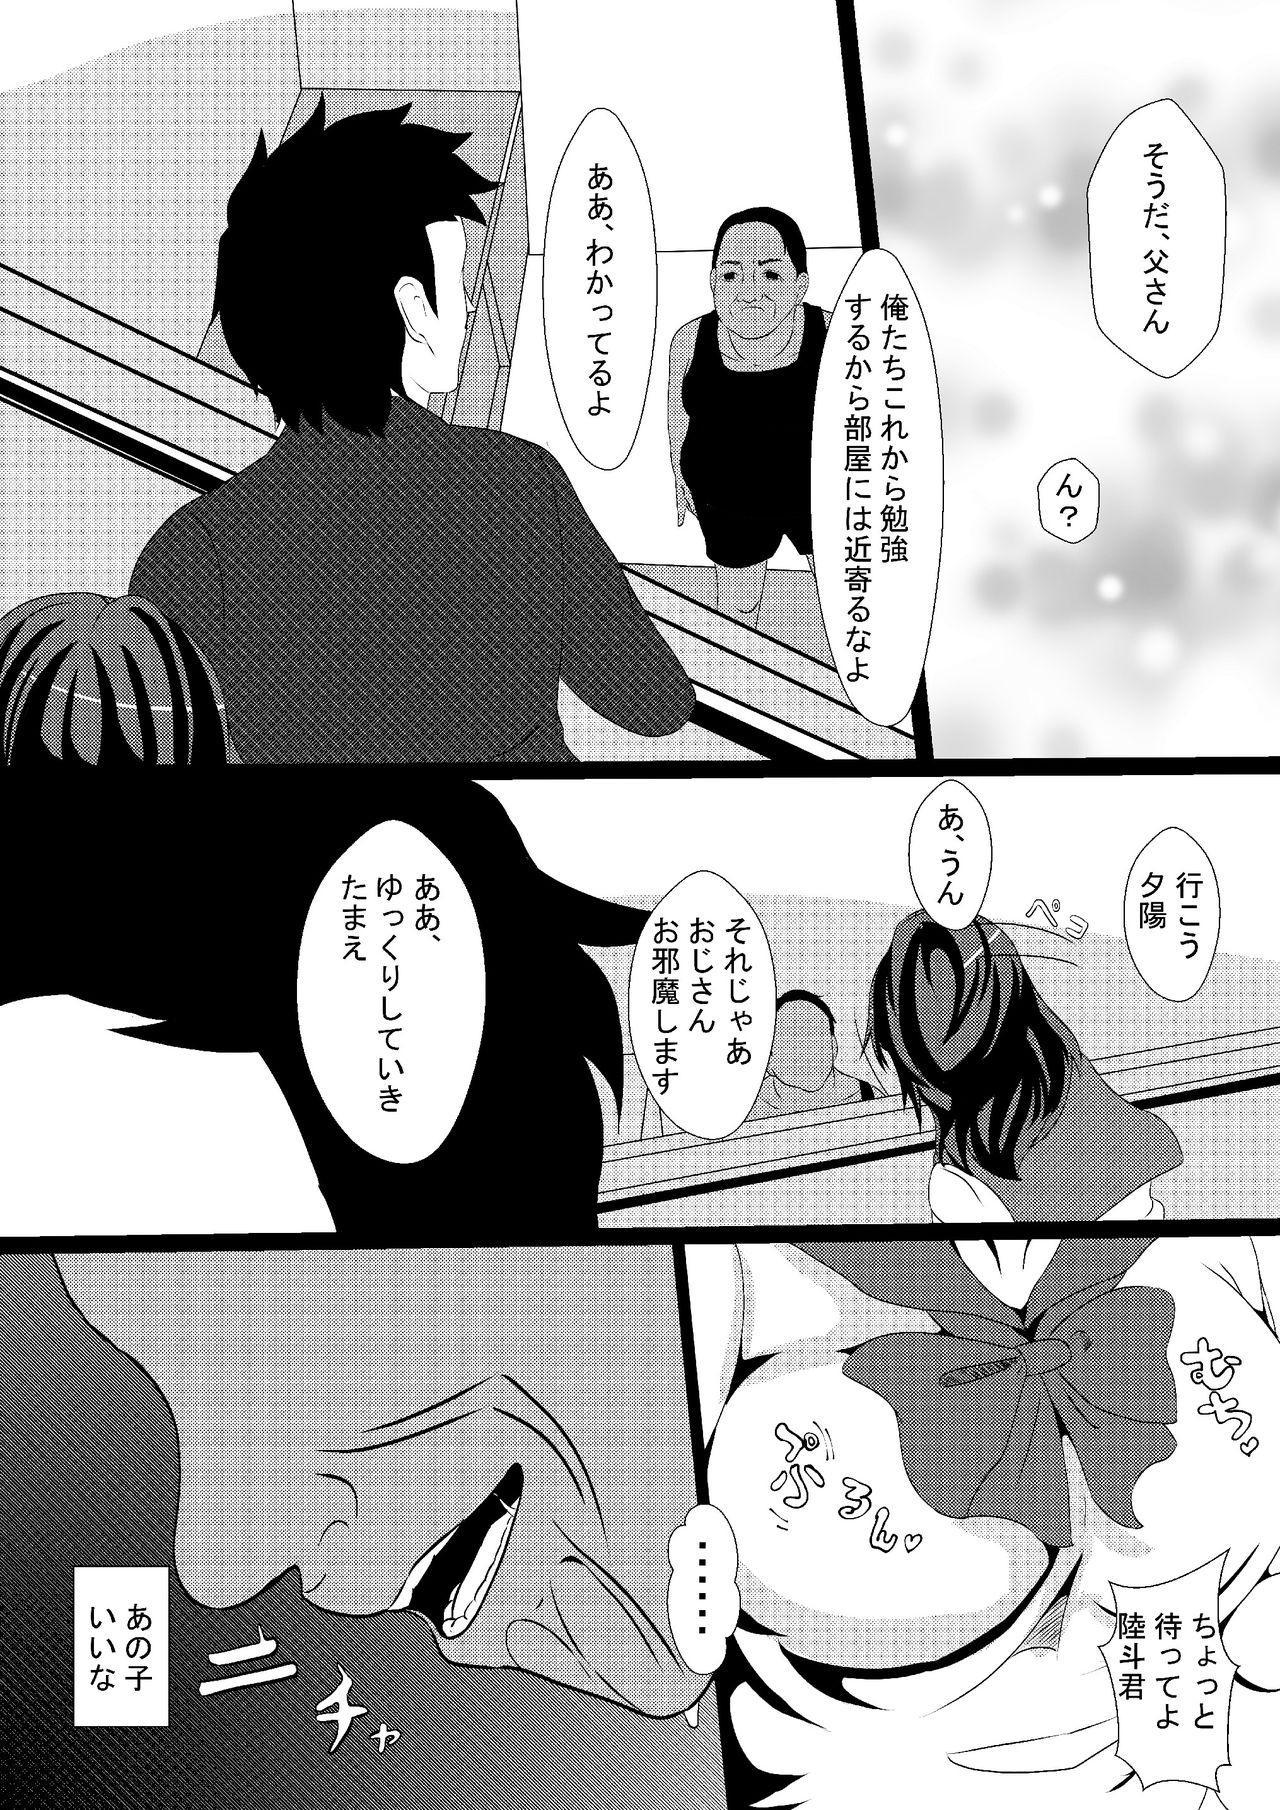 Musuko no Kanojo o Netoru Chichioya 3